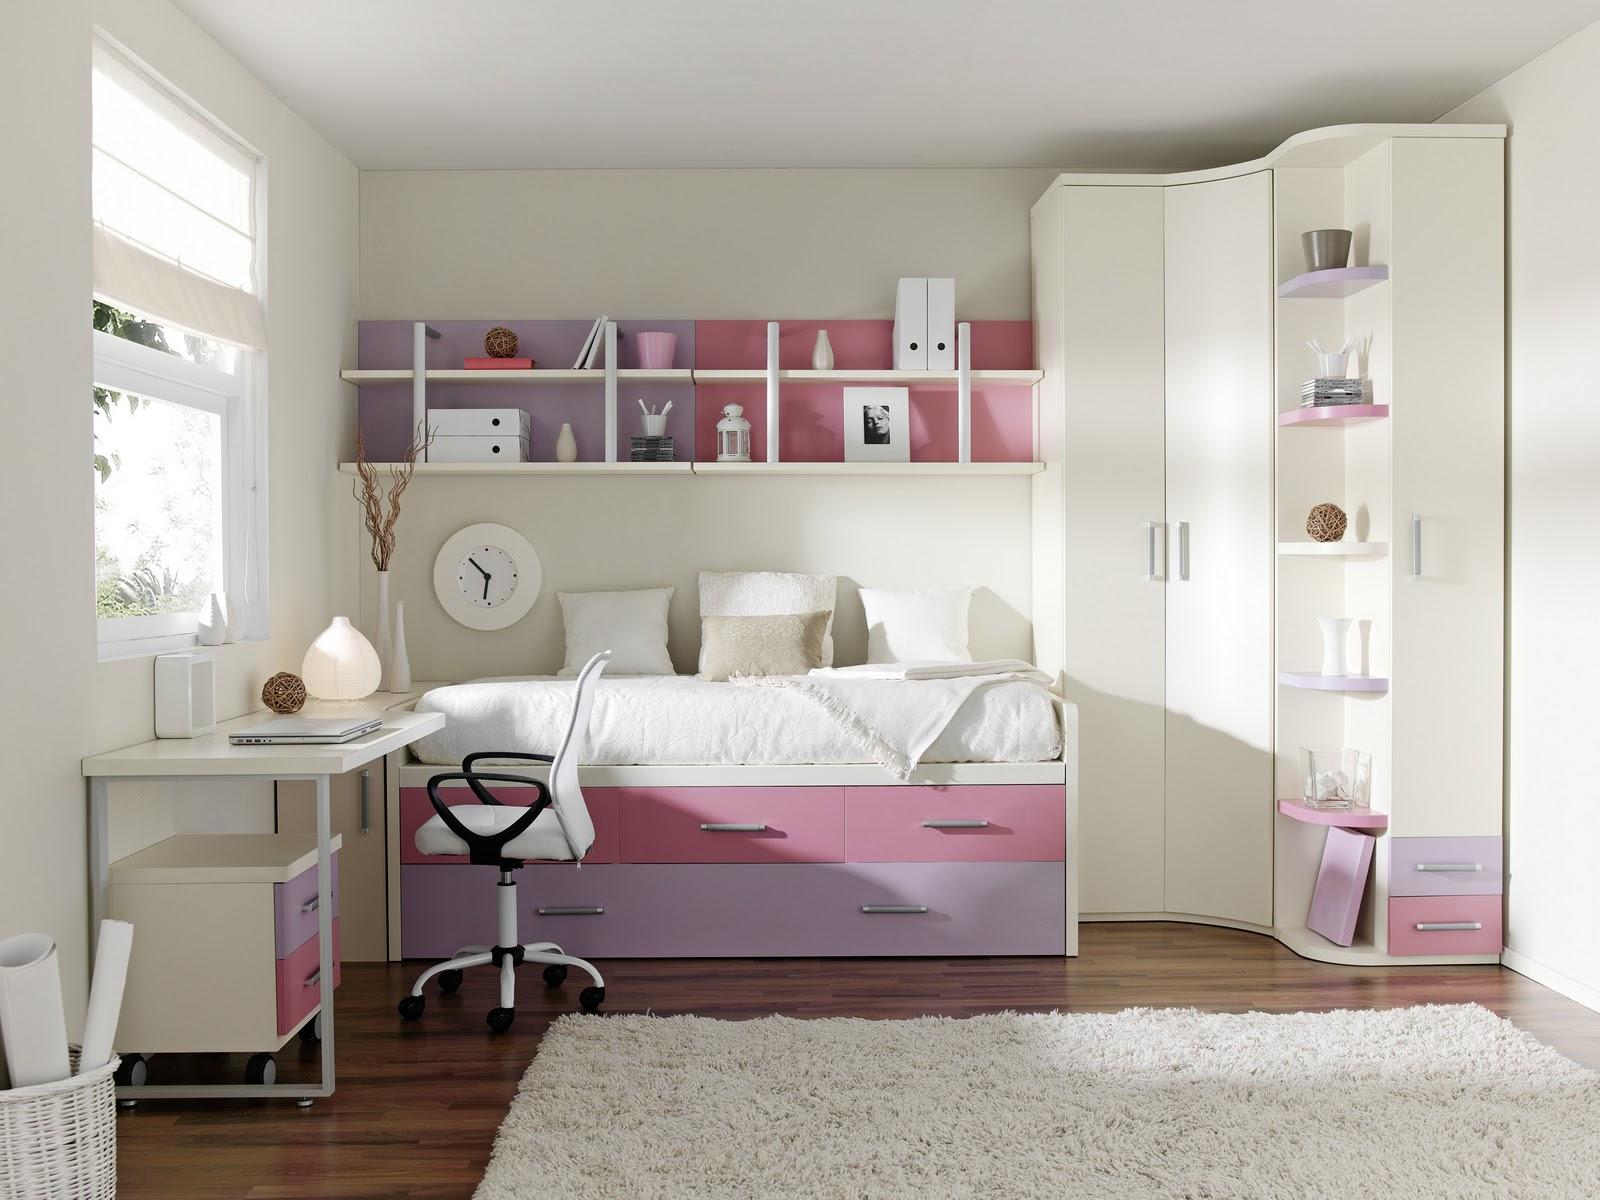 Decoarq arquitectura decorativa for Crear muebles juveniles